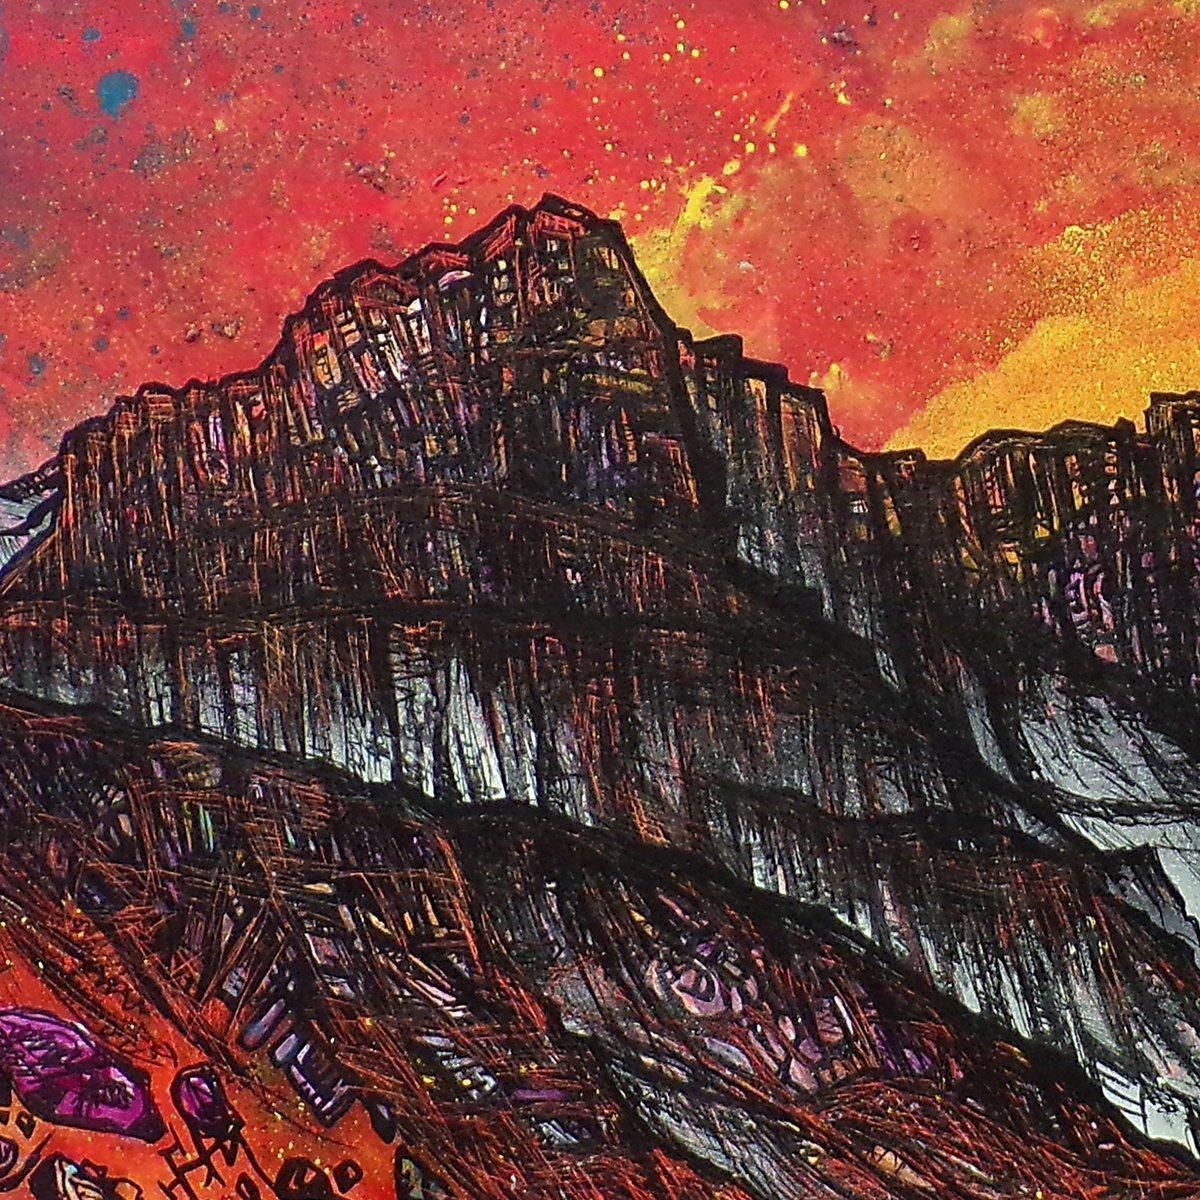 Glencoe, Scottish Highlands Landscape painting - Closeup